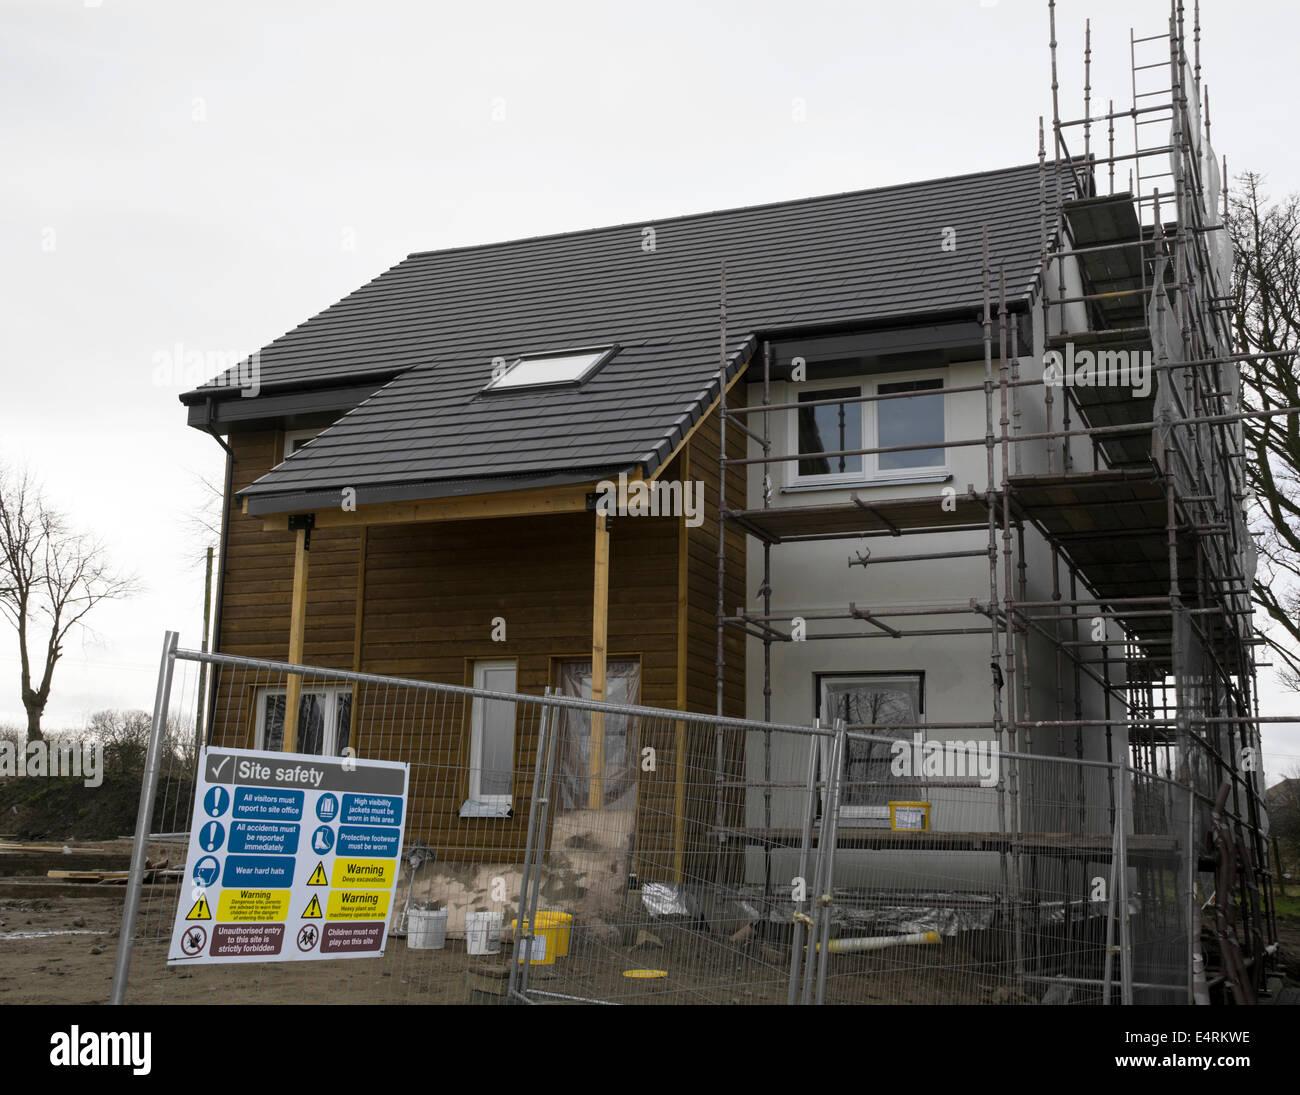 Website Sicherheitszeichen auf eine fast komplette neue bauen Haus mit Holz. Stockbild